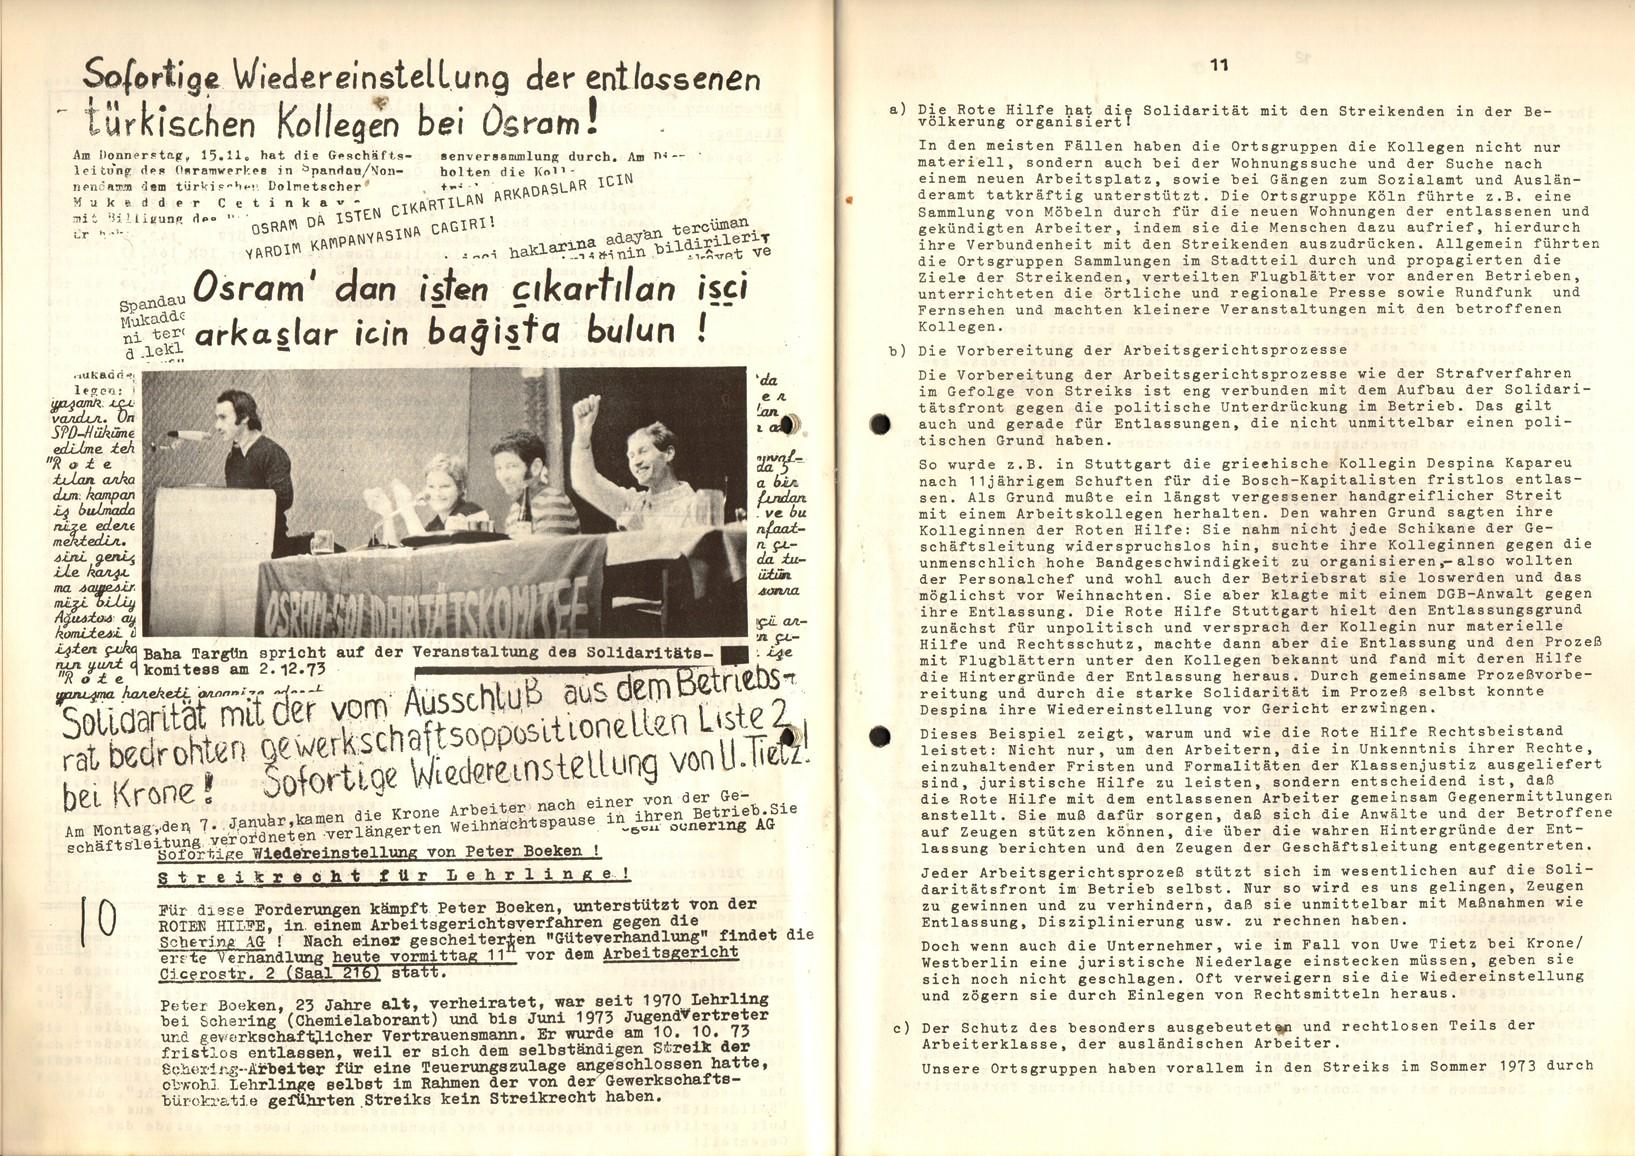 Dortmund_RHev_1974_Rechenschaftsbericht_07